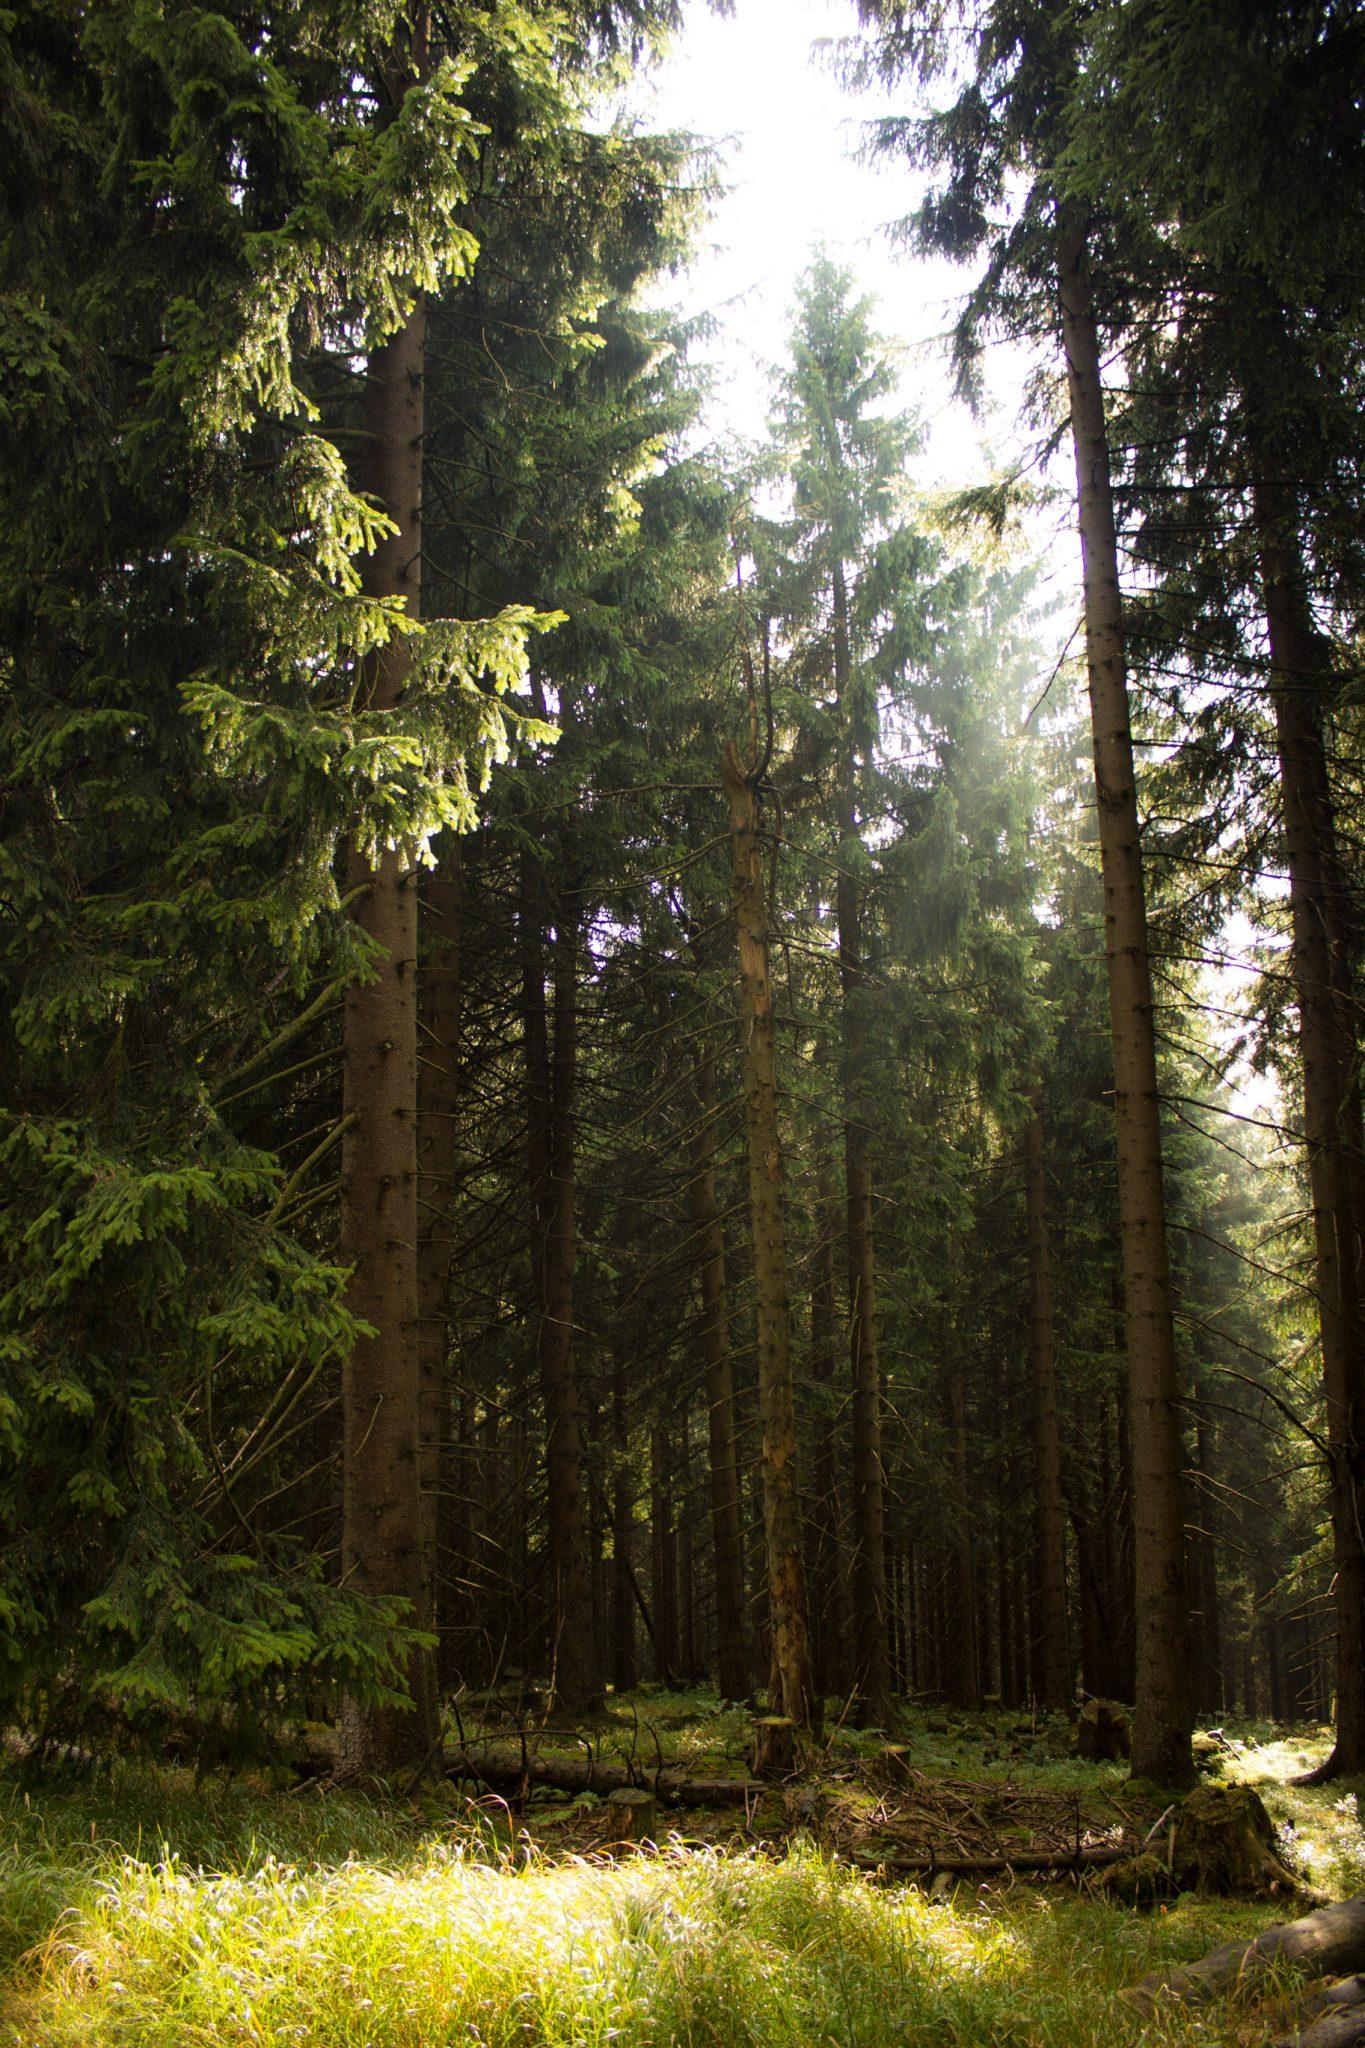 Großer Beerberg Schneekopf und Teufelskanzel, Gipfeltour Wanderung im Thüringer Wald, schöne Lichtstimmung im Wald, Sonne scheint nach Regen